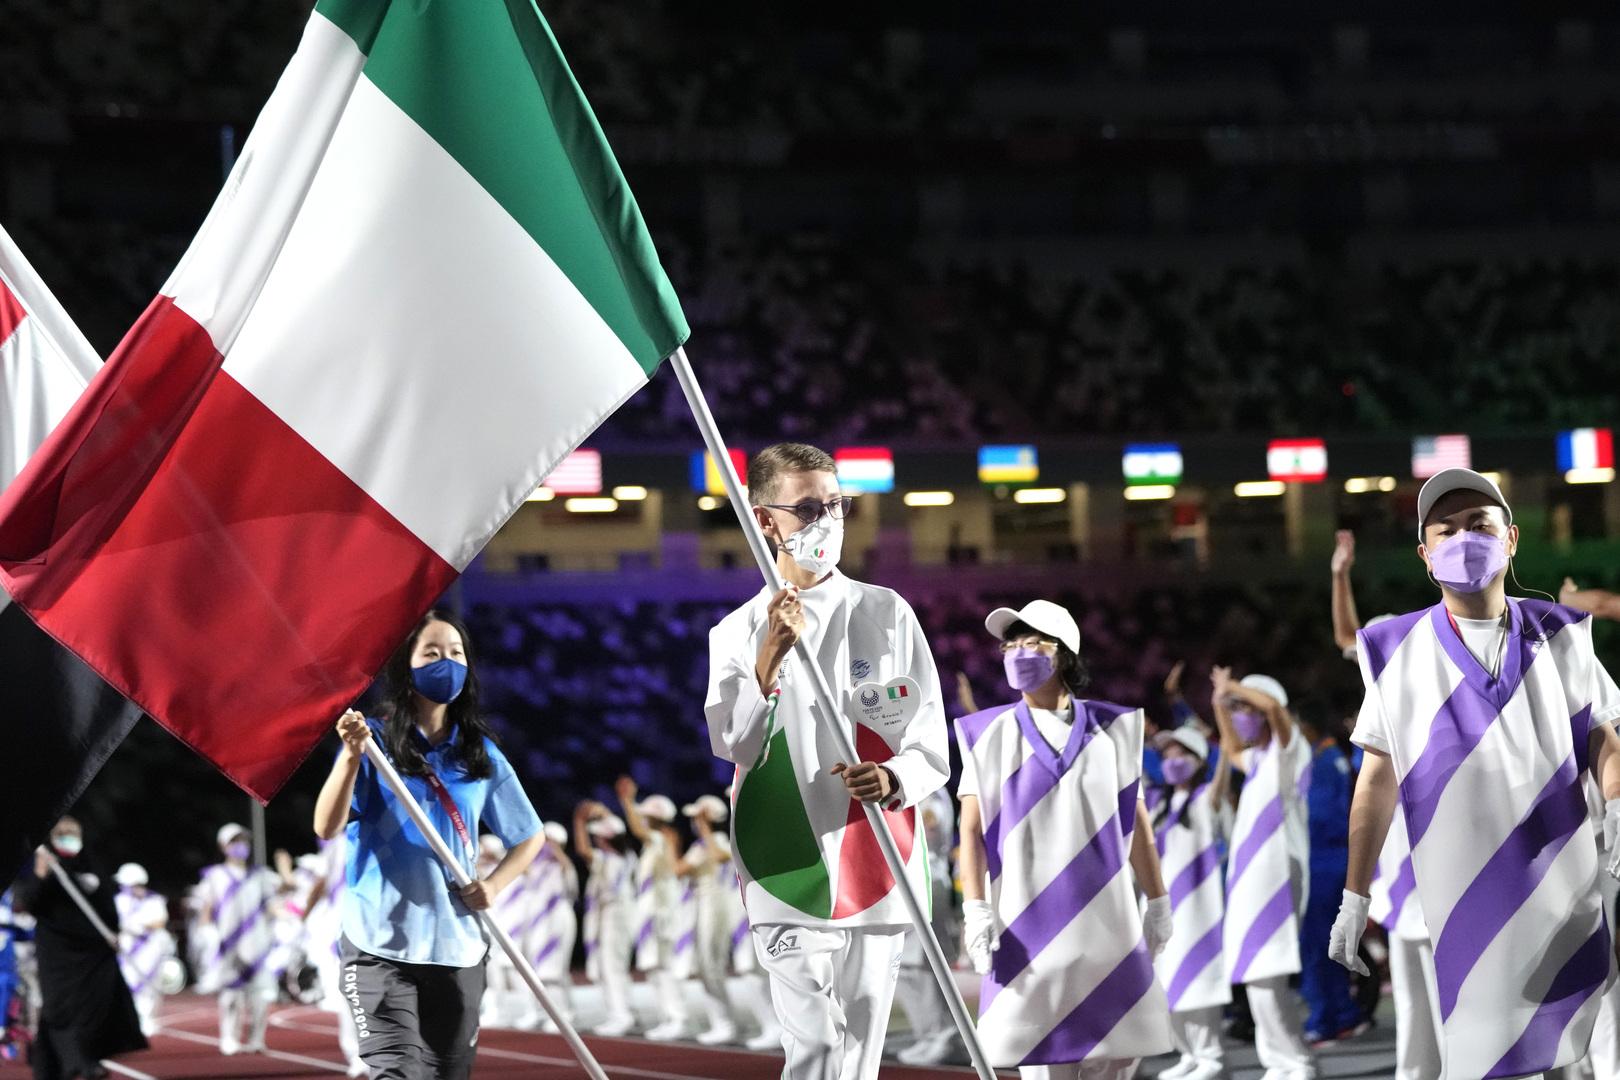 إيطاليا تطلب من باكستان استلام اثنين من مواطنيها المتهمين بجريمة قتل